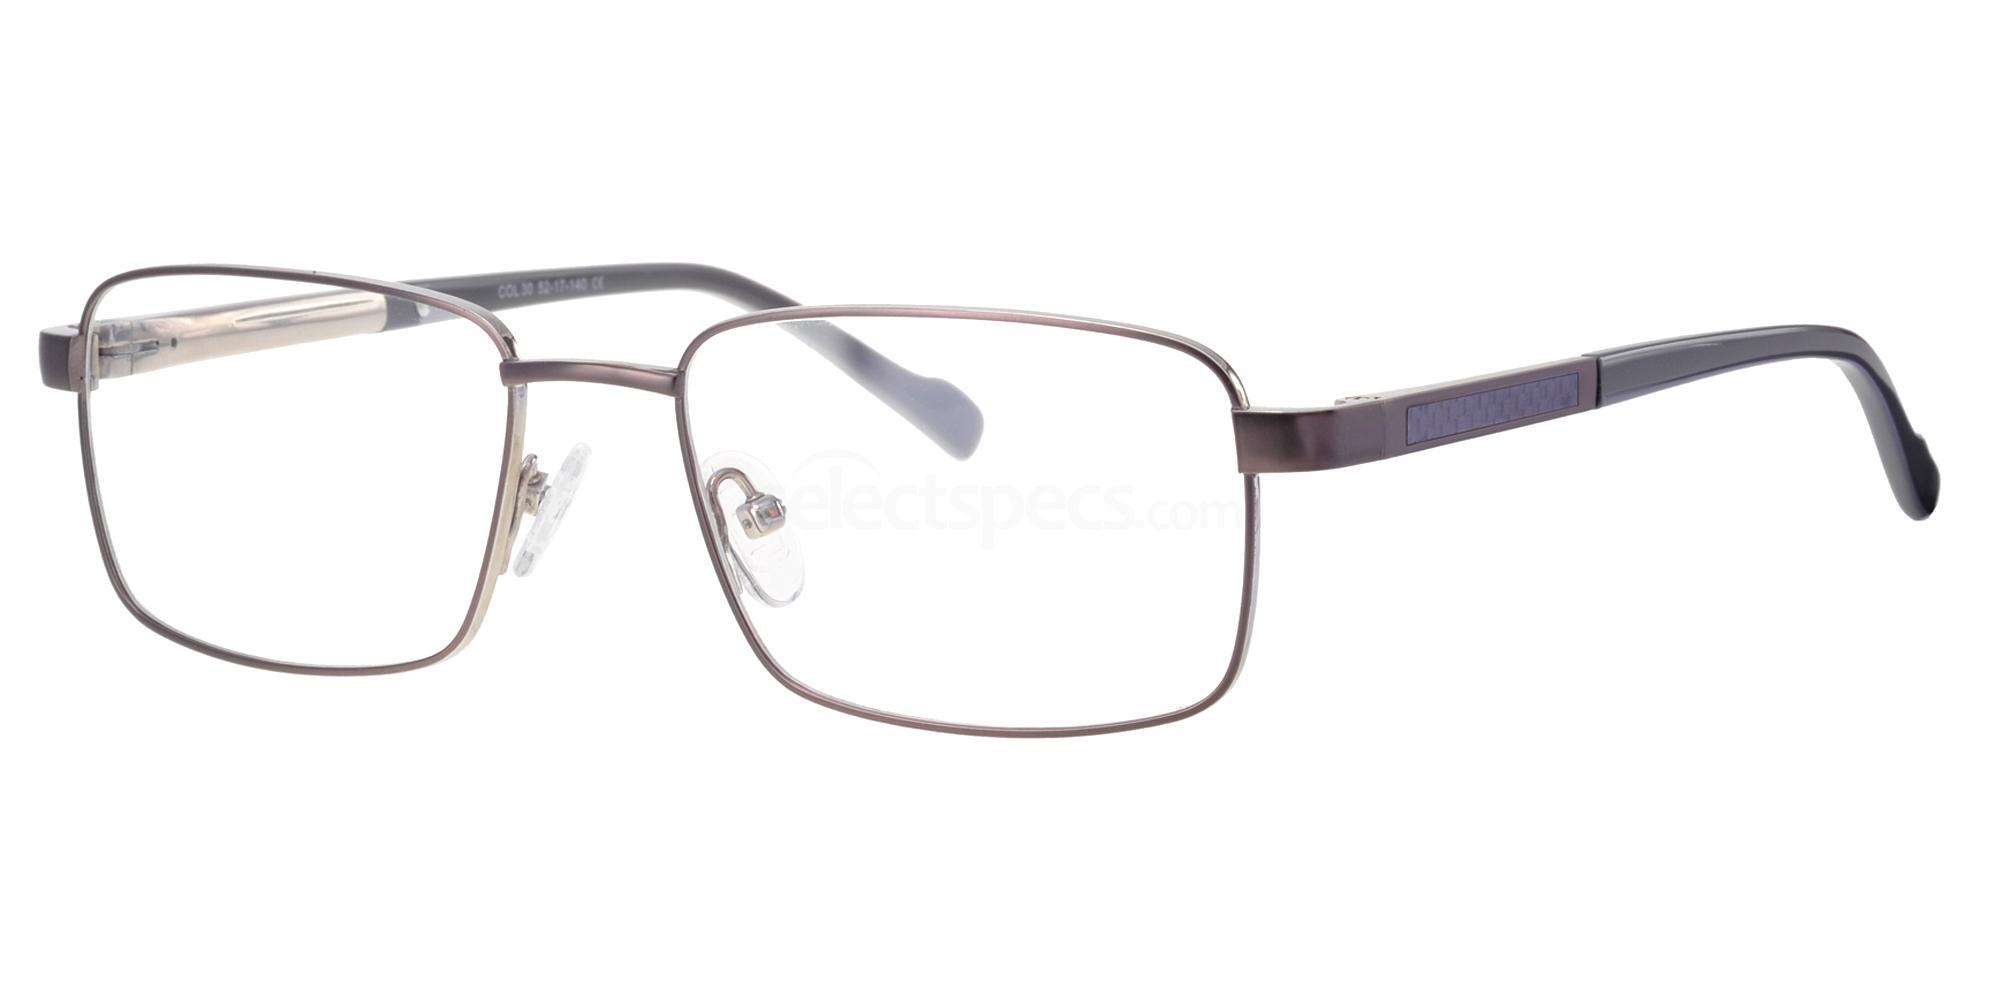 C30 725 Glasses, Ferucci Titanium